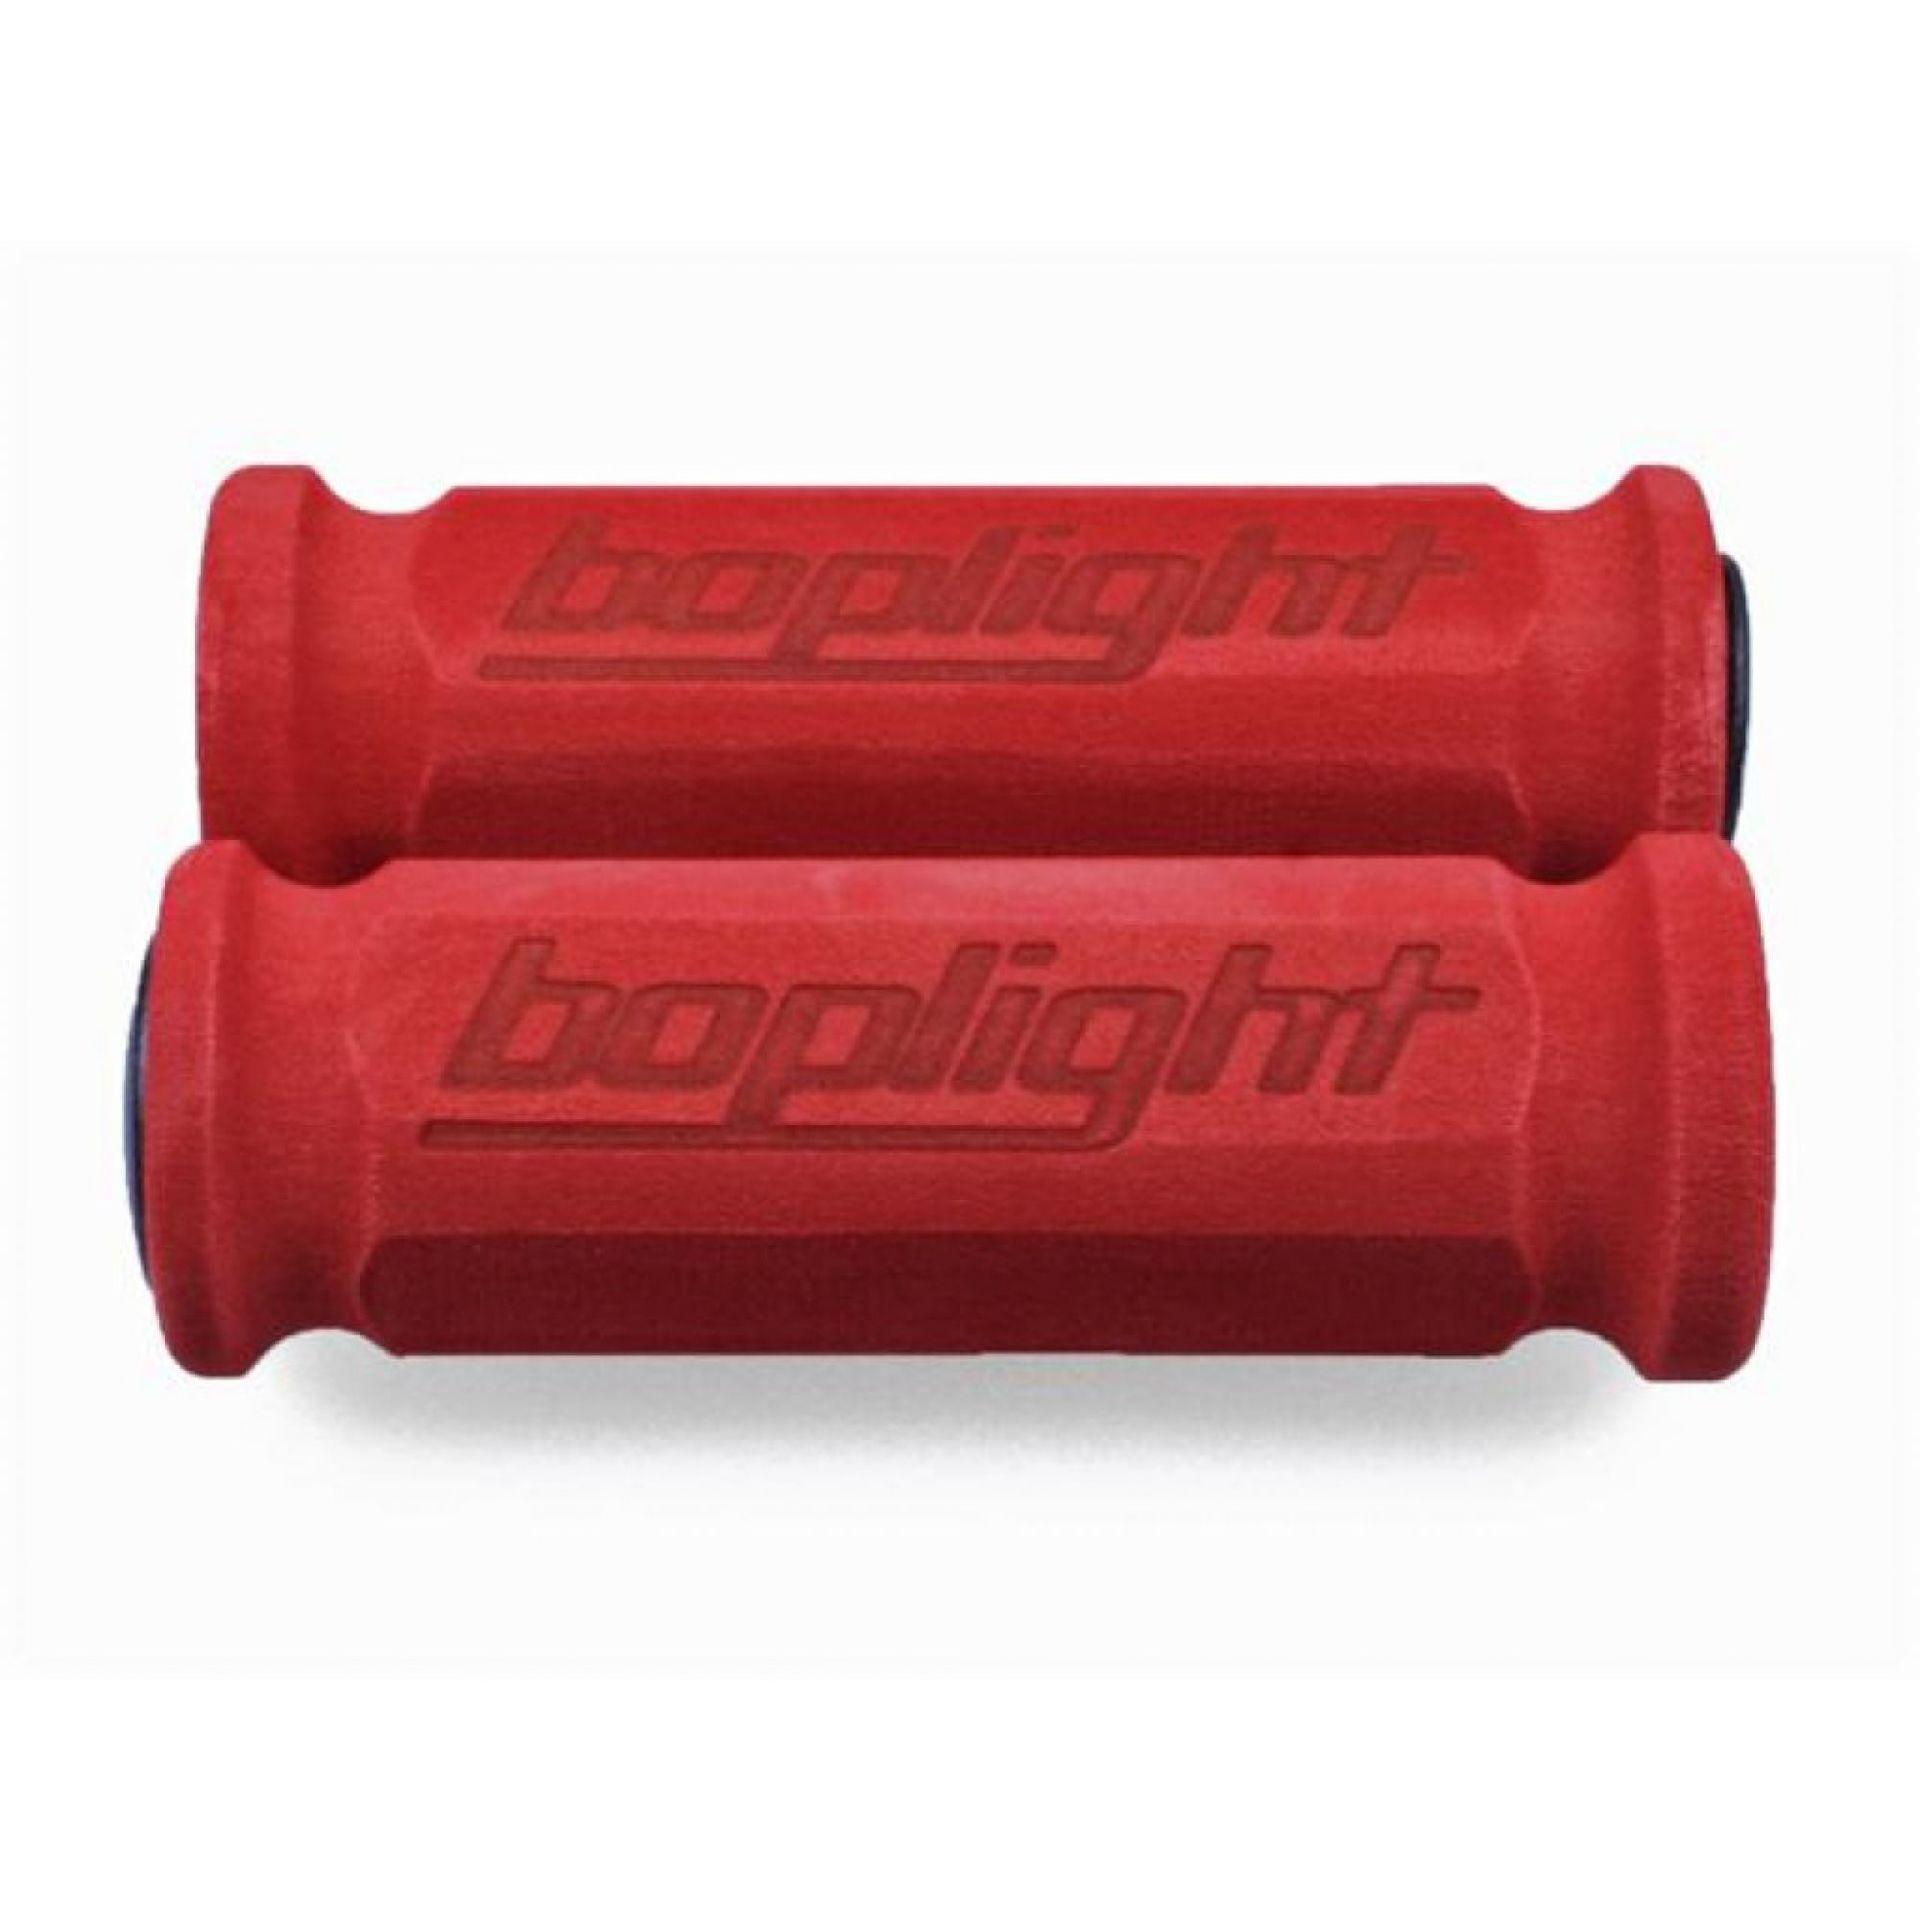 Chwyty kierownicy Boplight Race czerwone